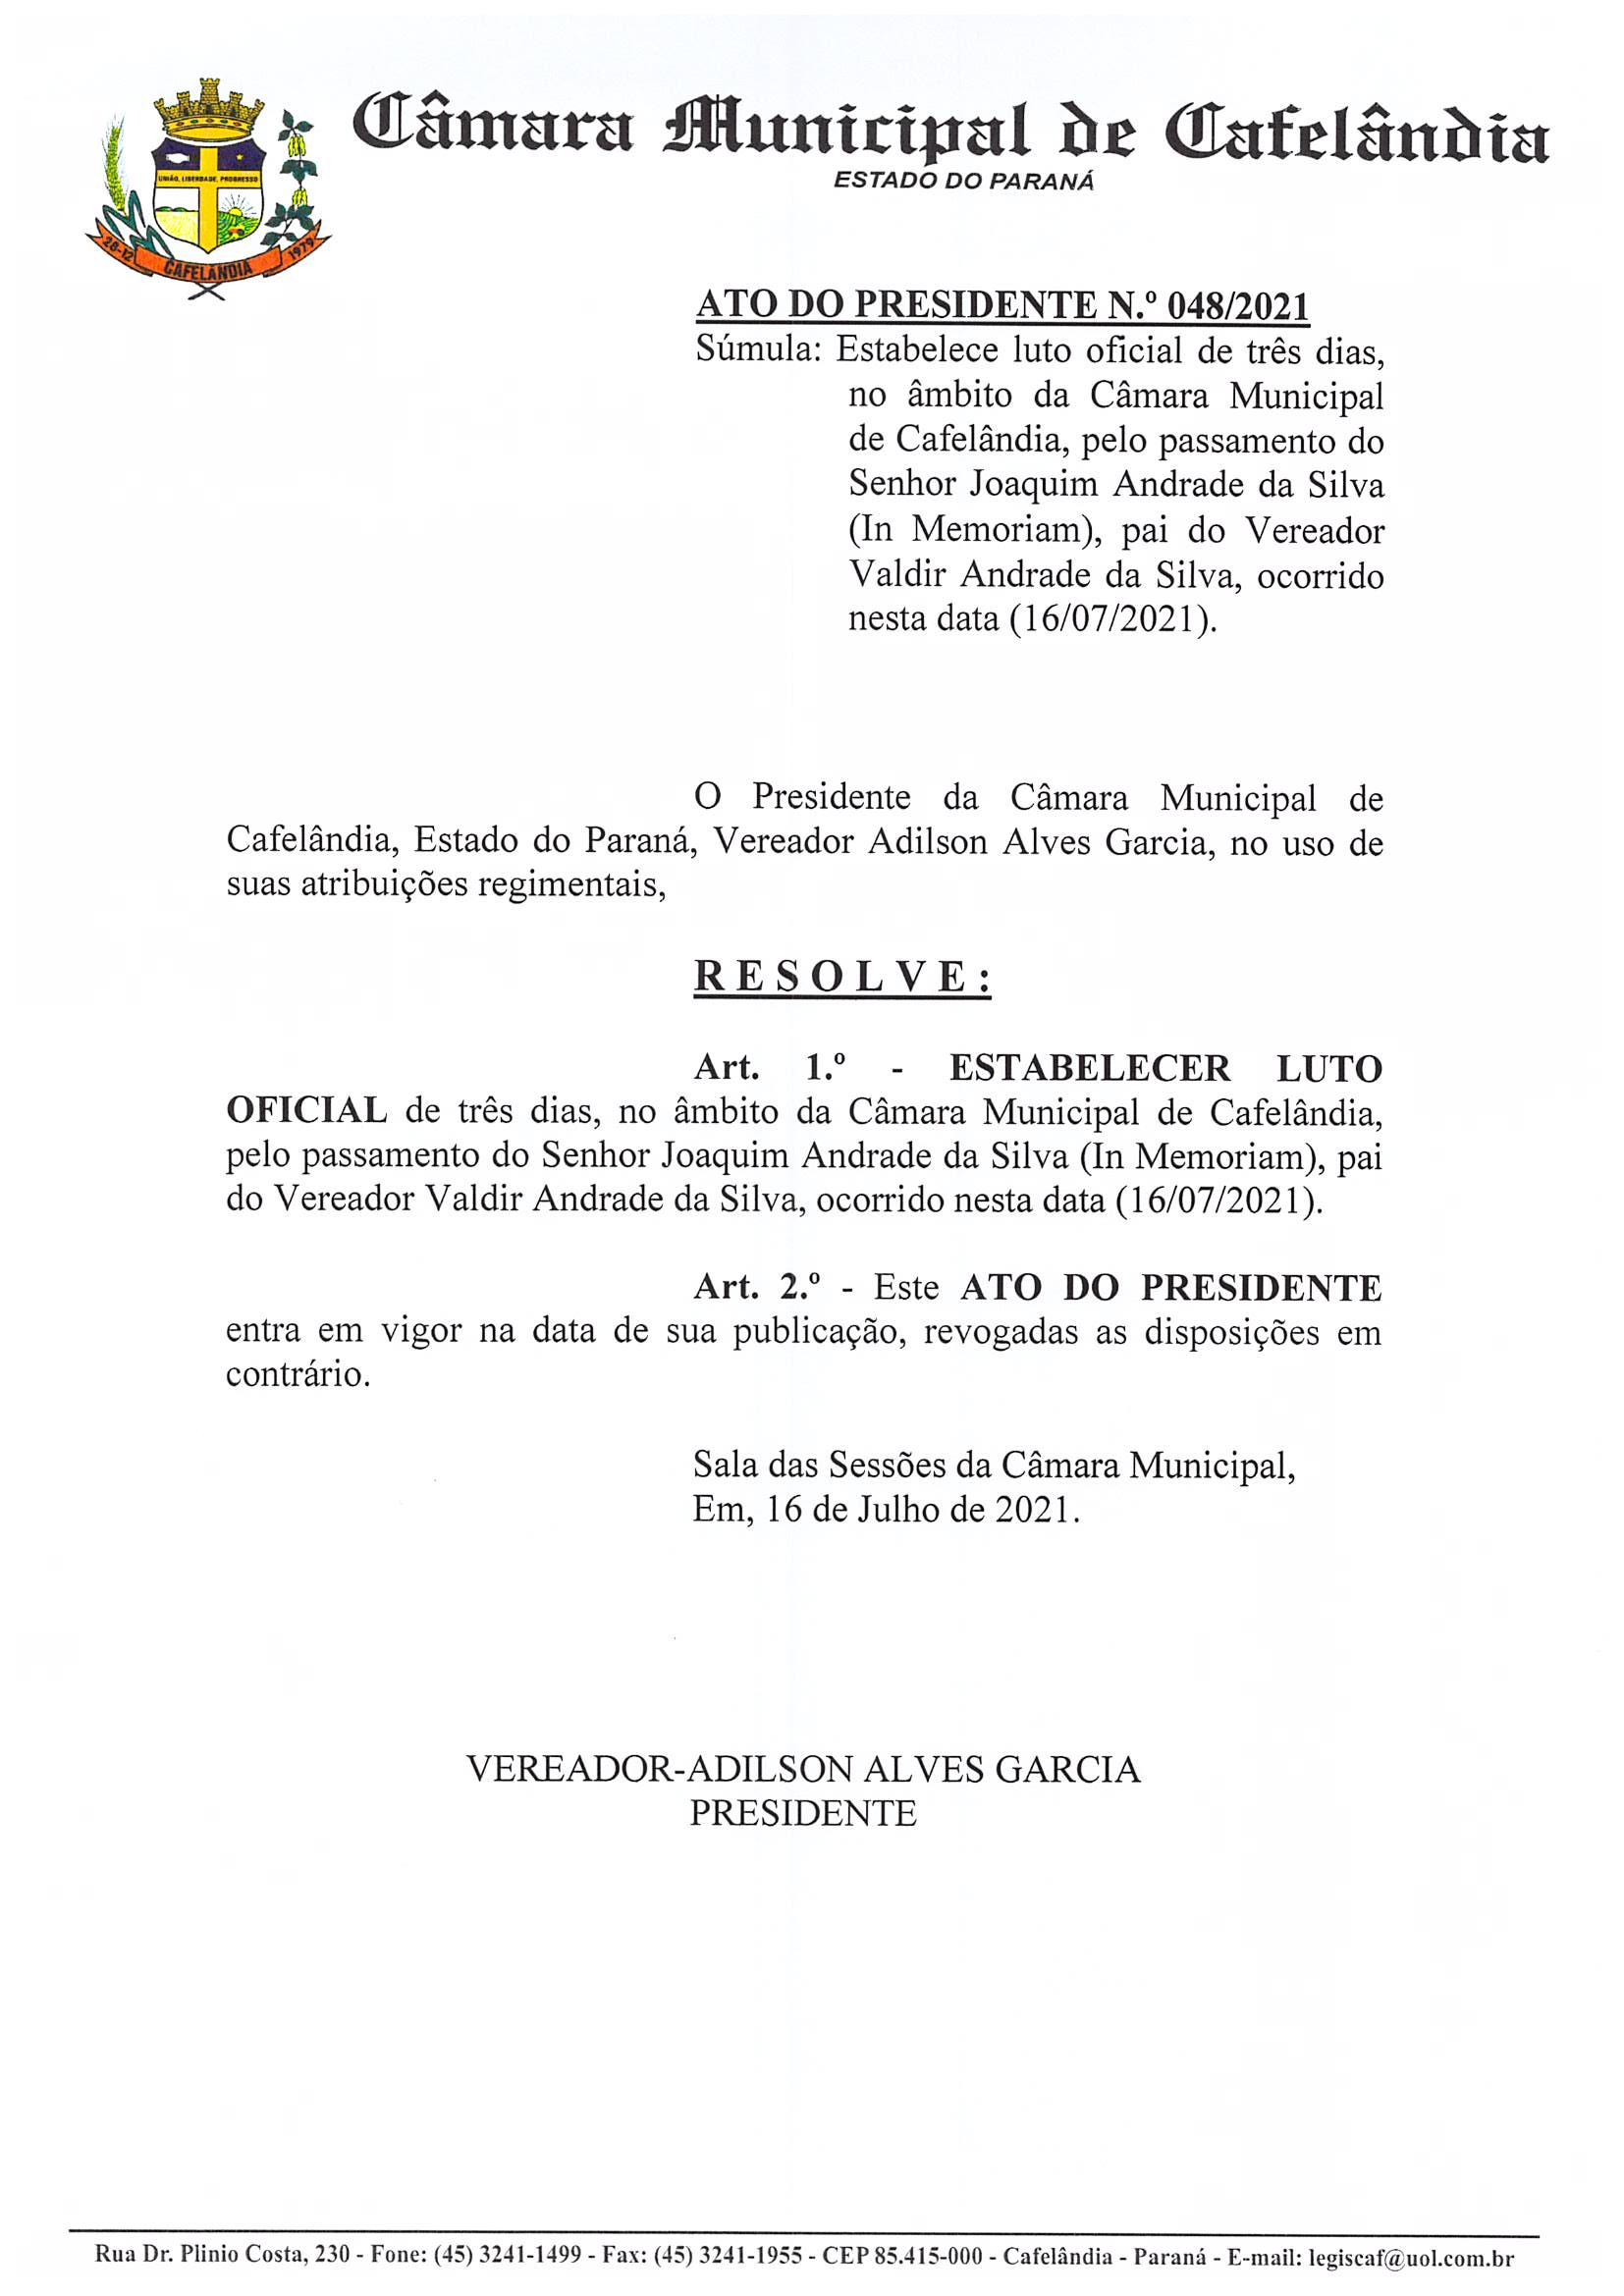 Presidente da Câmara Municipal estabelece três dias de Luto Oficial, em virtude do passamento do Pai do Vereador Valdir Andrade da Silva (Bugrão), Senhor Joaquim Andrade da Silva.